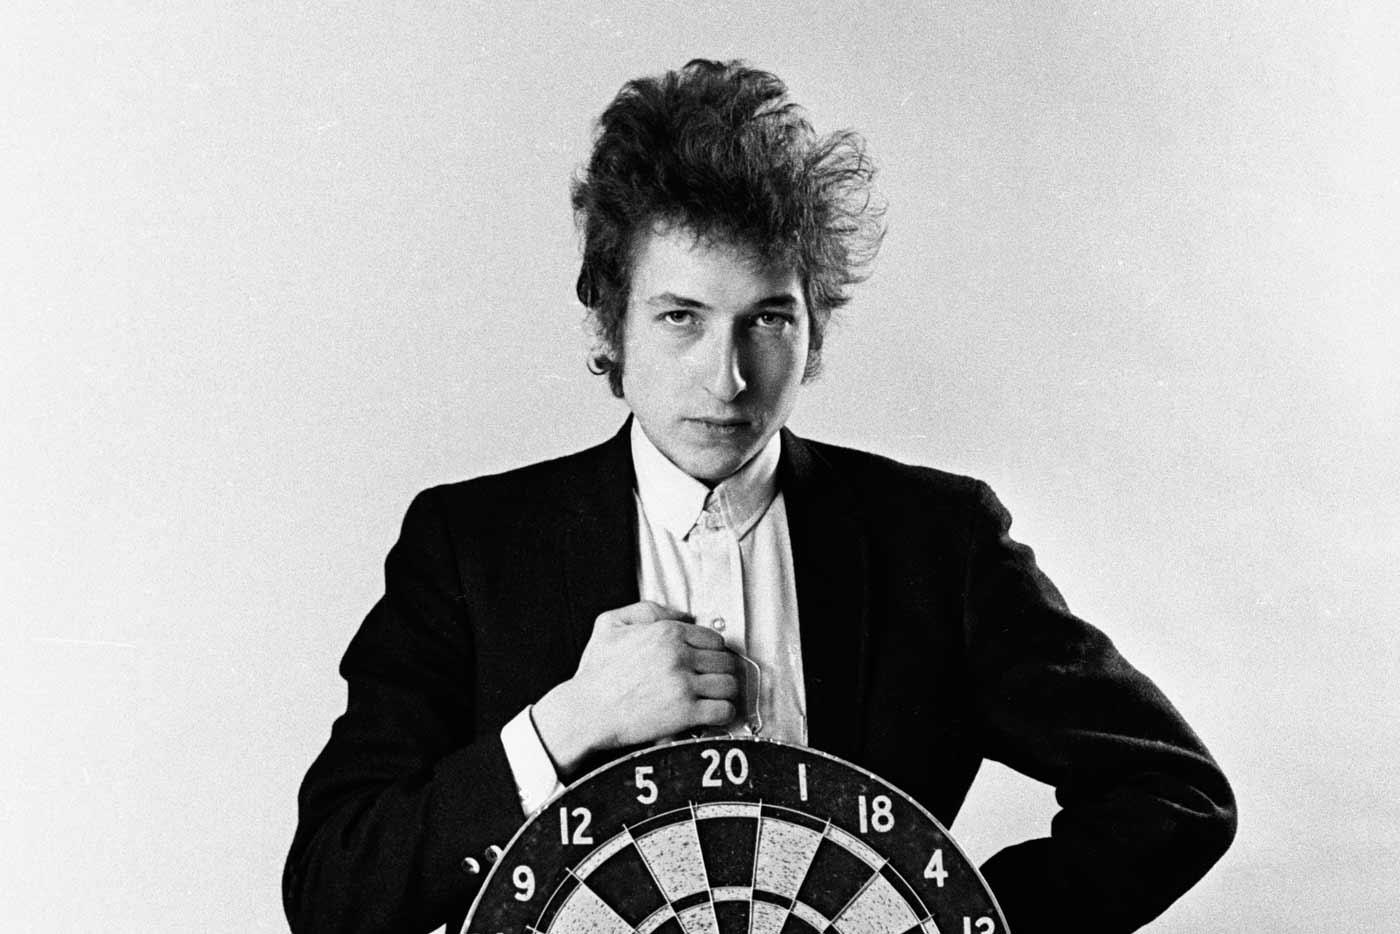 Bob Dylan, un pequeño paseo por las bootlegs mercuriales